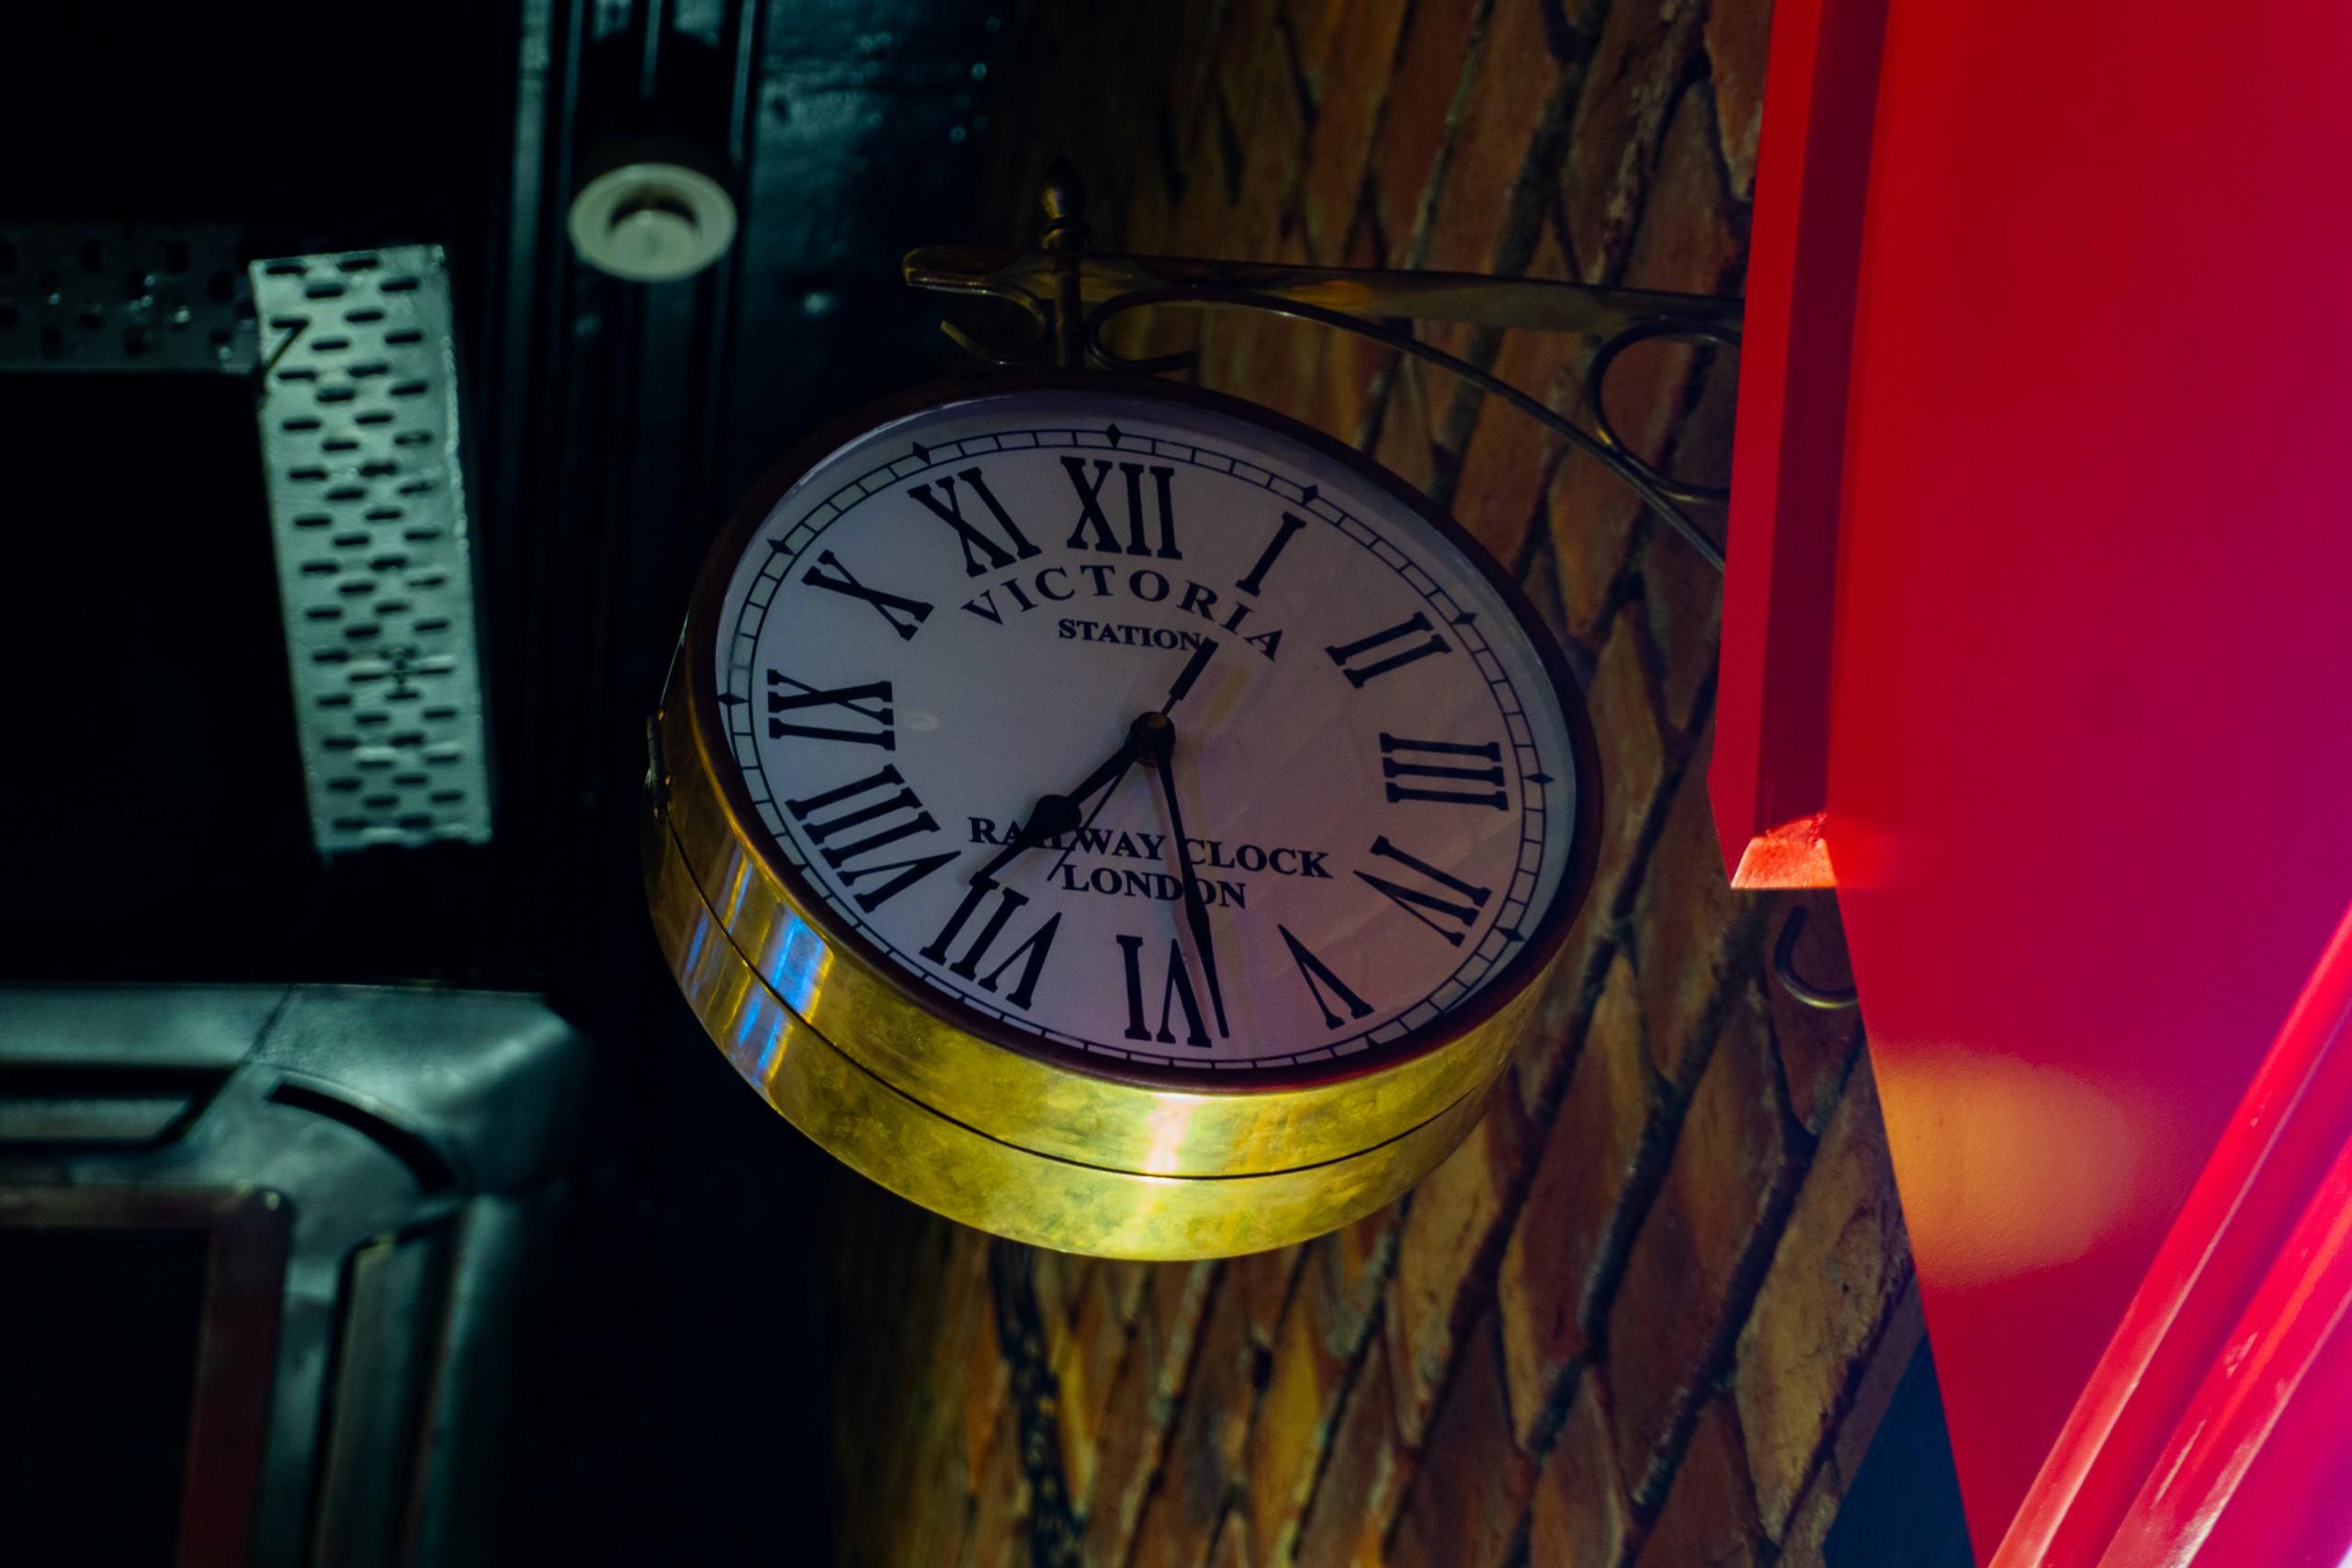 An antique clock